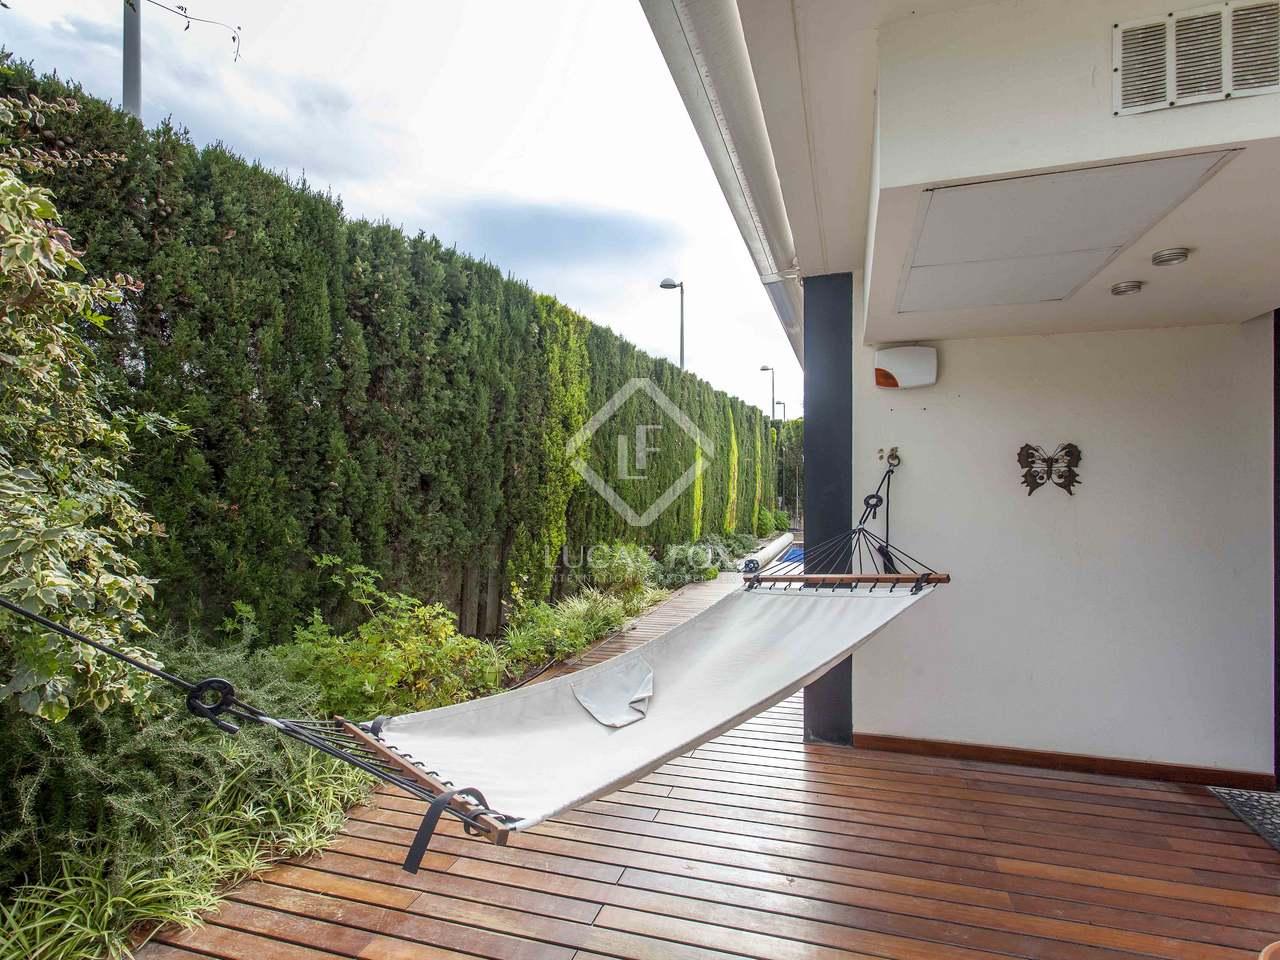 Maison villa de 350m a vendre canet almarda avec 250m de jardin for Jacuzzi jardin occasion